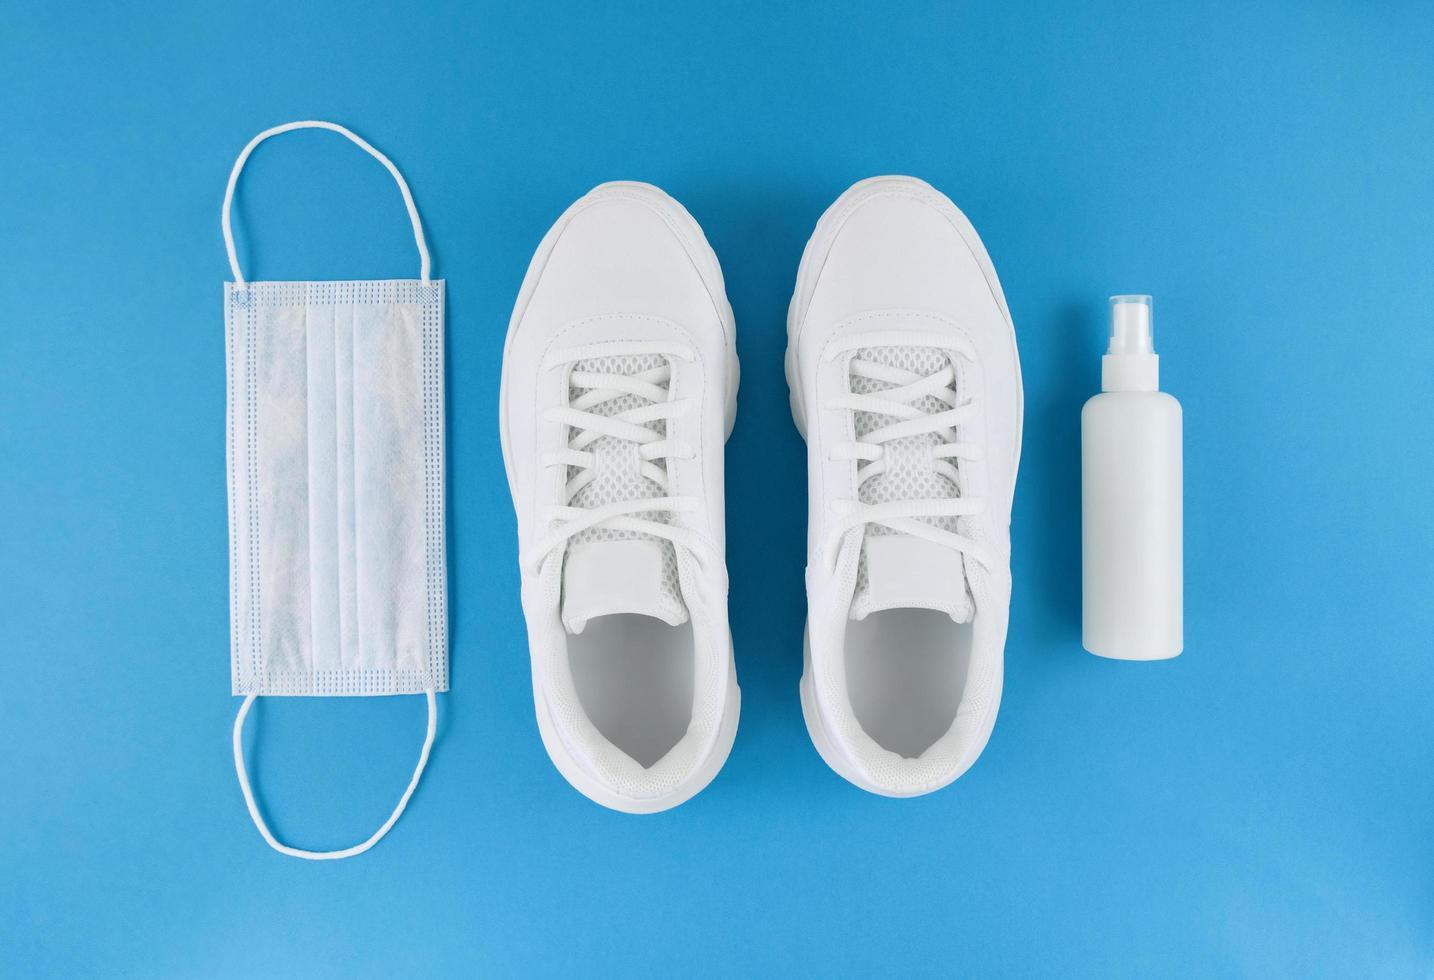 maschera medica bianca, scarpe da ginnastica e disinfettante per le mani su sfondo blu, abito da quarantena piatto monocromatico foto